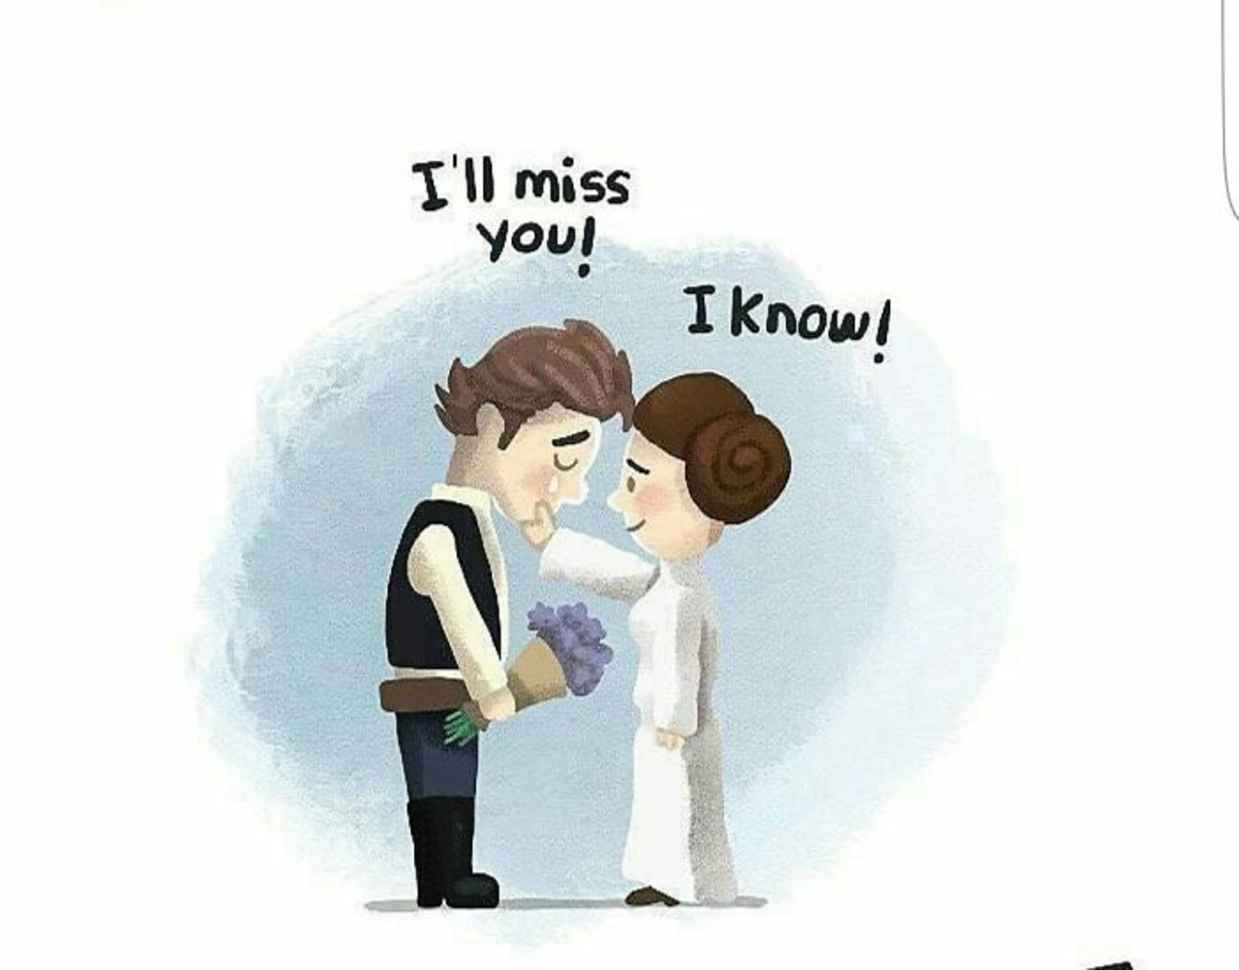 Les hommages en illustrations de Carry Fisher ou Princesse Leia dans StarWars 7